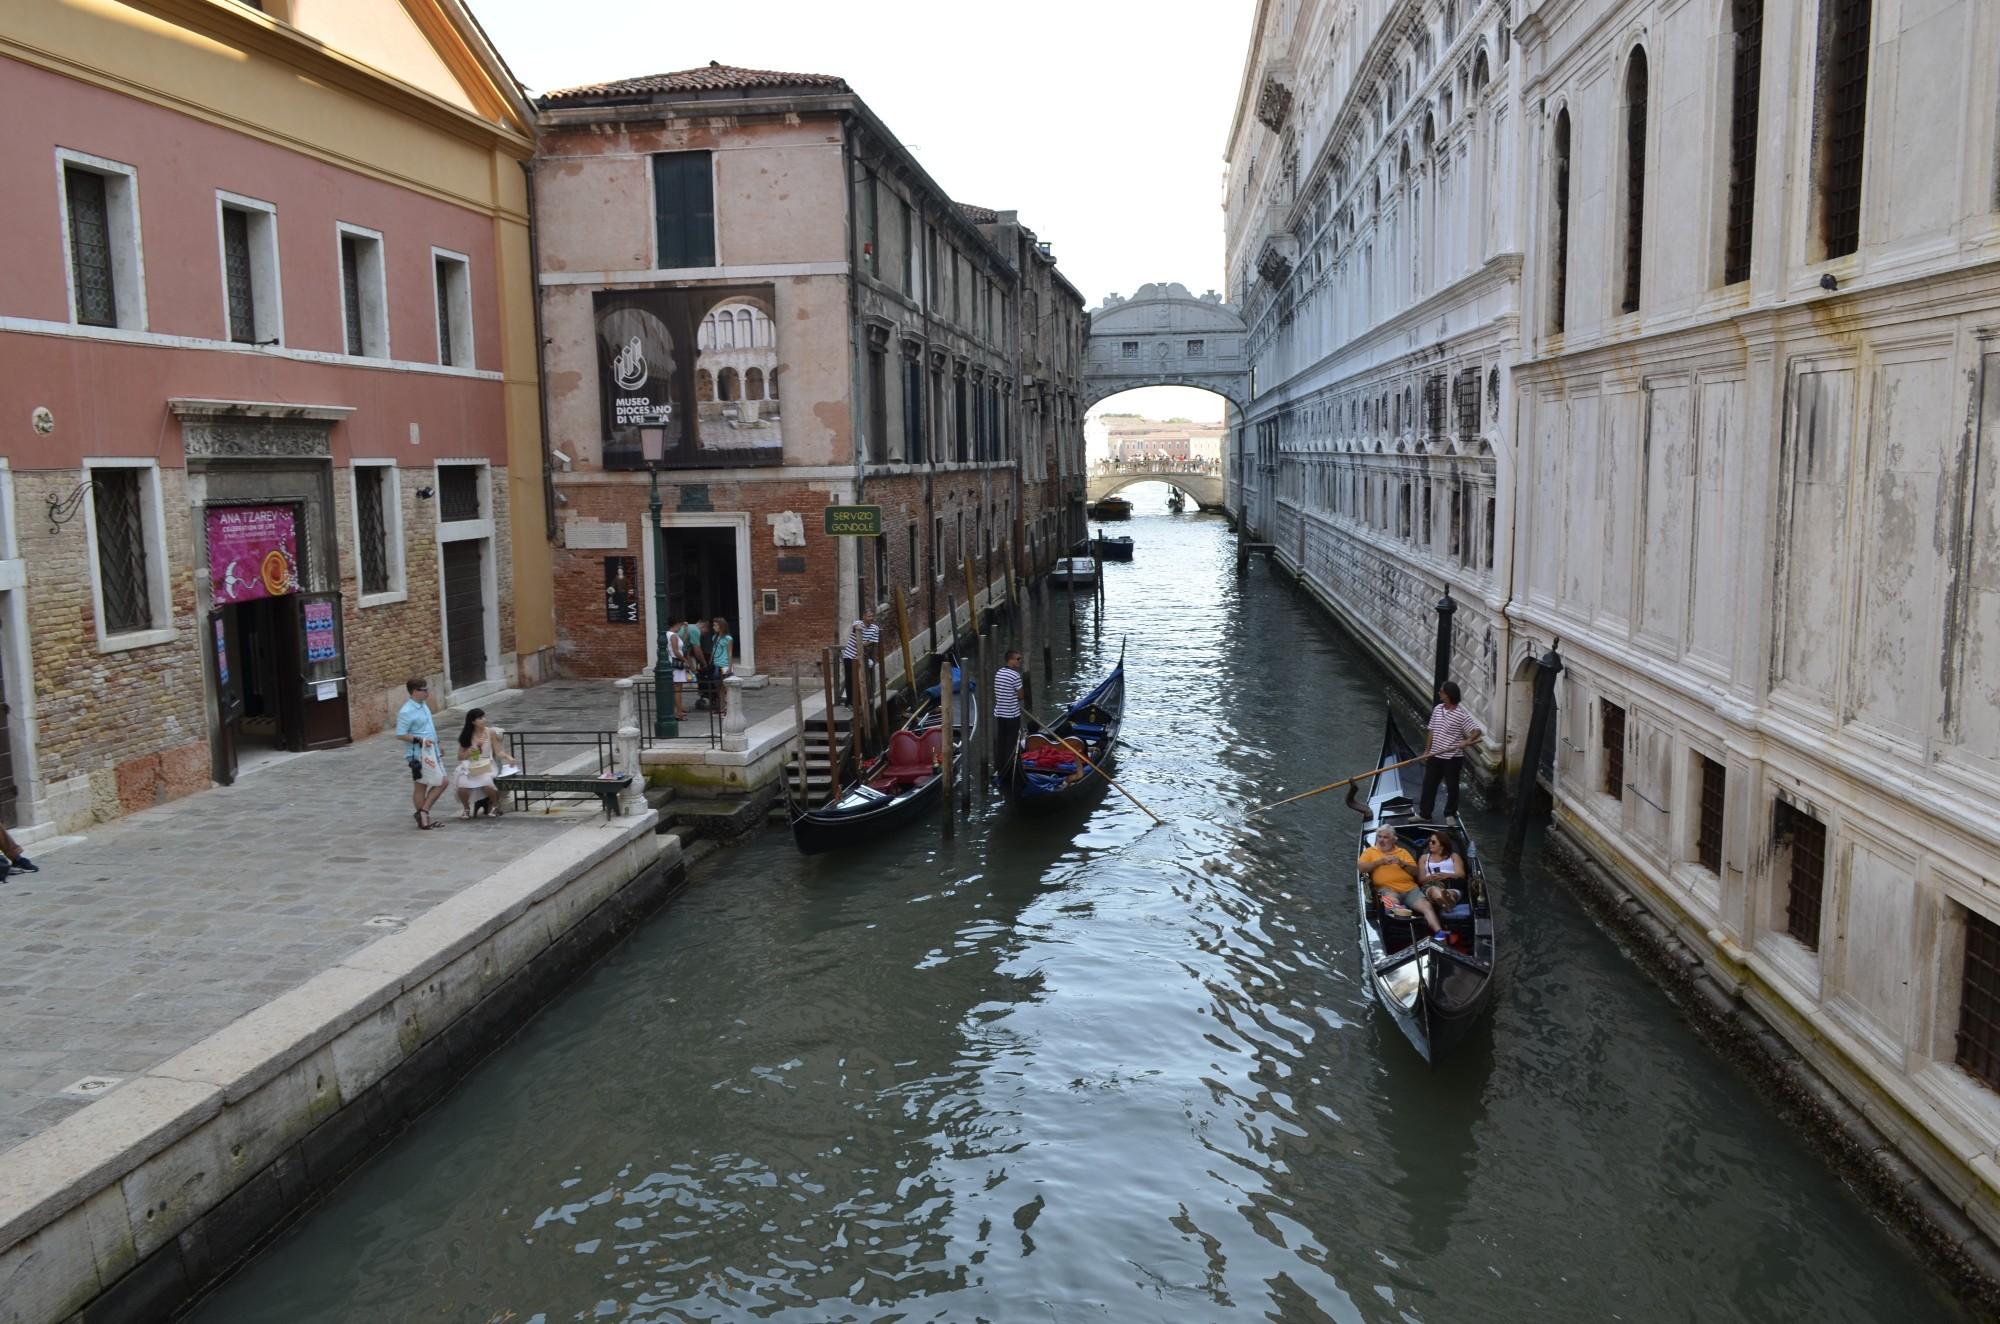 венеция реальные фото туристов данные электронные адреса